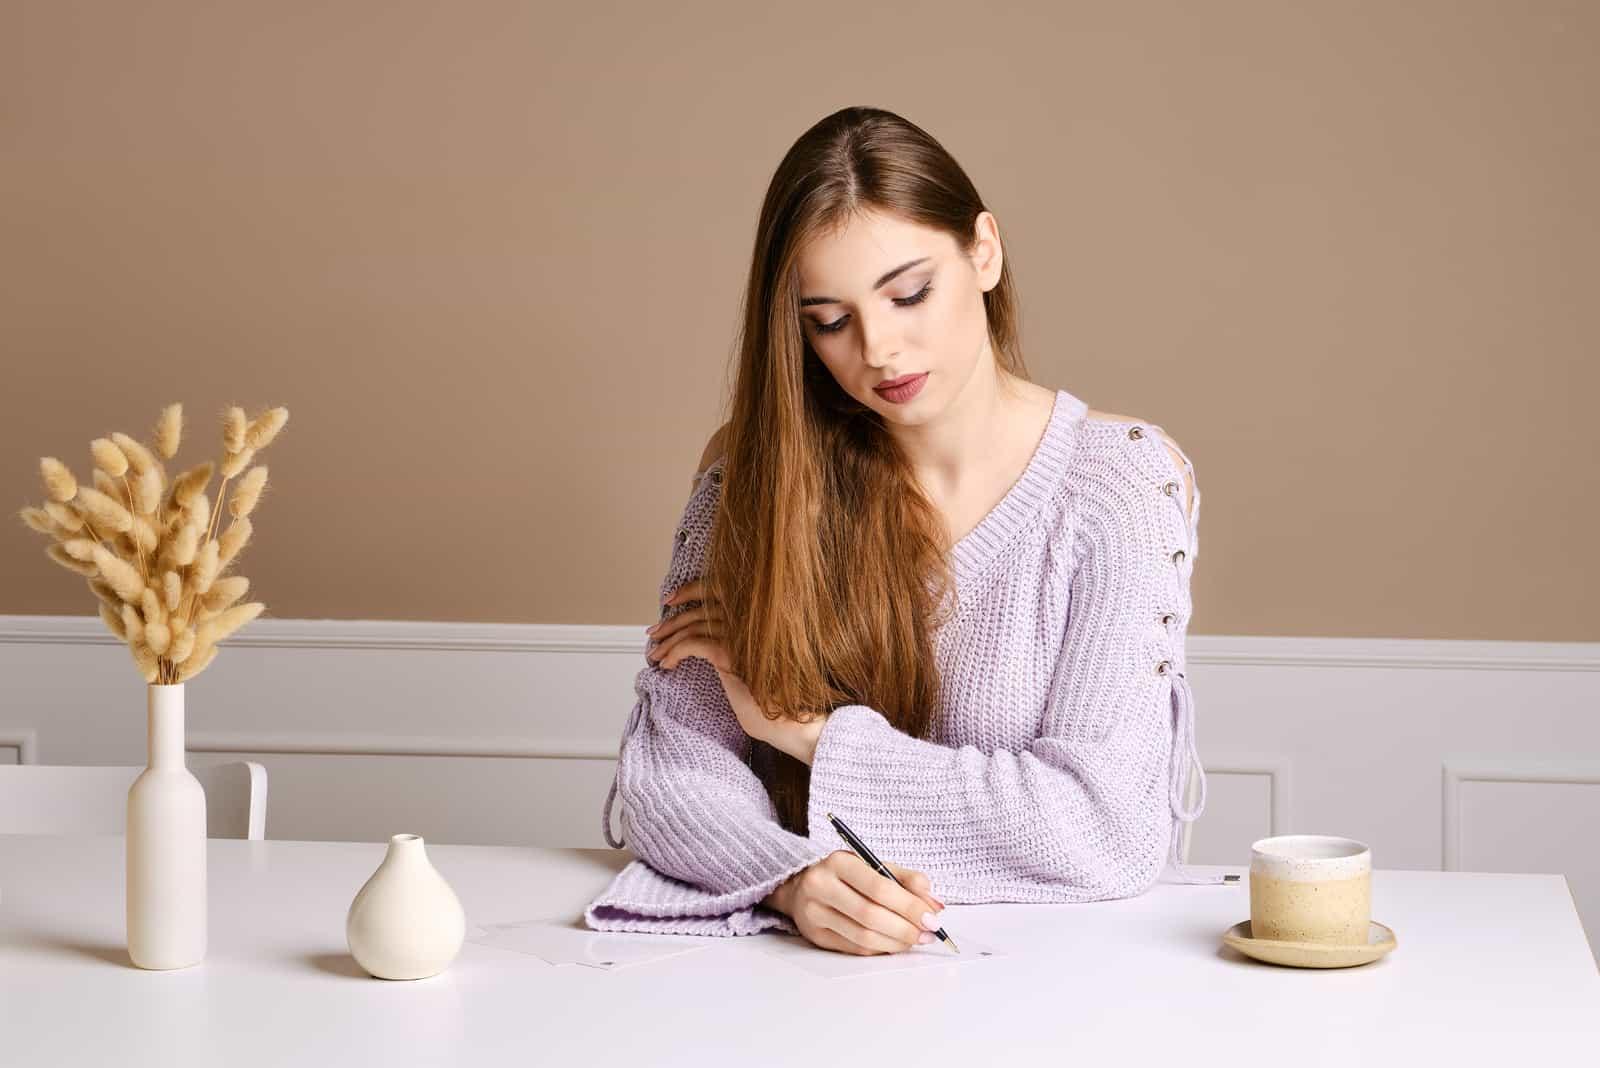 Frau mit langen braunen Haaren sitzt am Tisch und schreibt Gruß